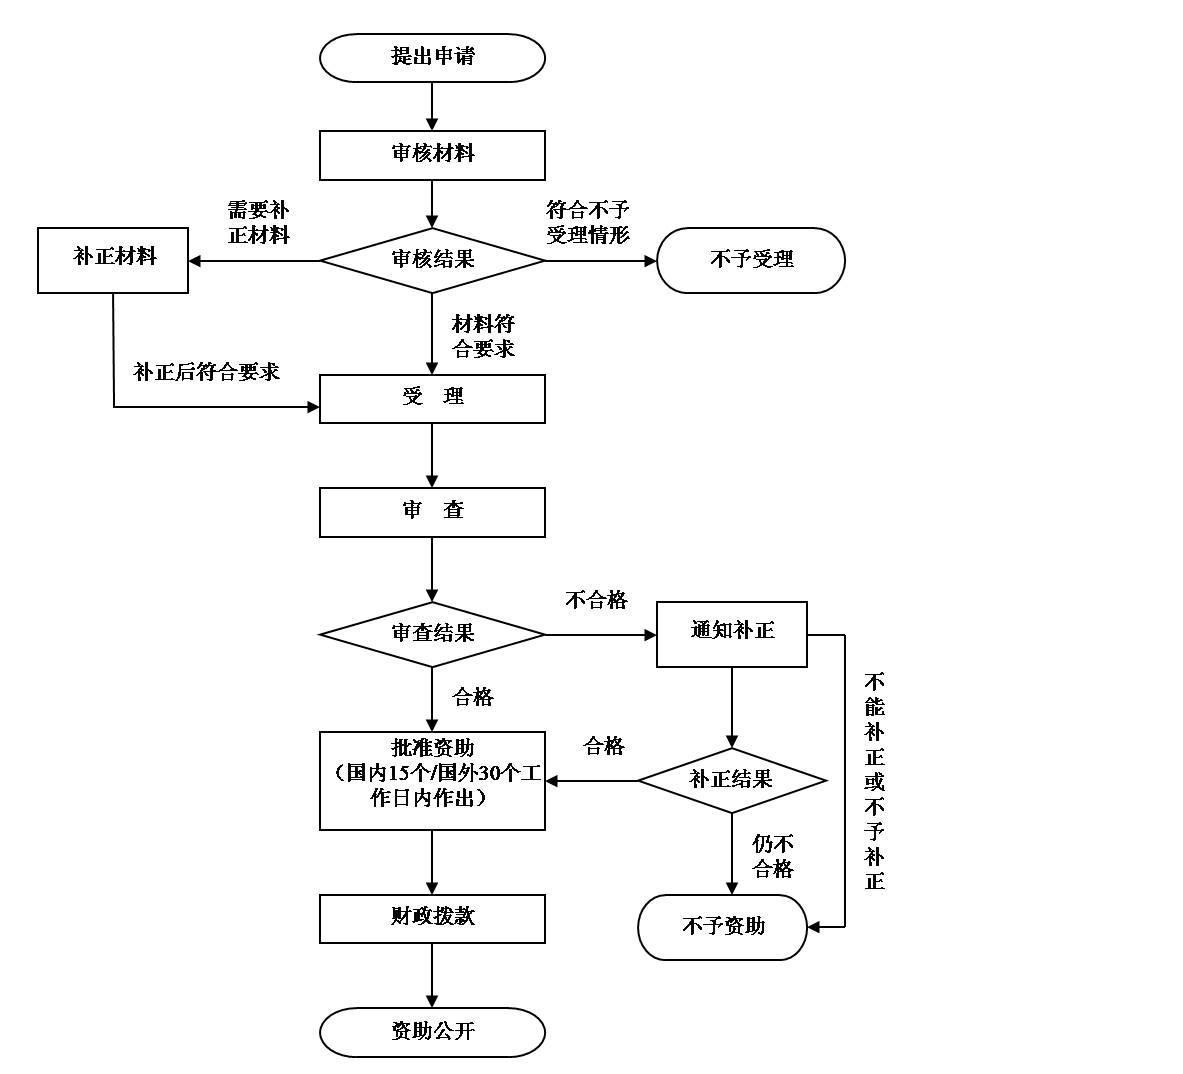 为贯彻执行《上海市专利资助办法(2012年修订)》(以下简称《办法》),做好上海市专利一般资助的申请工作,制定本指南。 一、资助申请人条件 一般资助申请人须满足下列条件: (一)注册或登记在本市的企业、事业单位、机关和社会团体,以及具有本市户籍或居住证的个人。 (二)符合下列情况之一: 1.